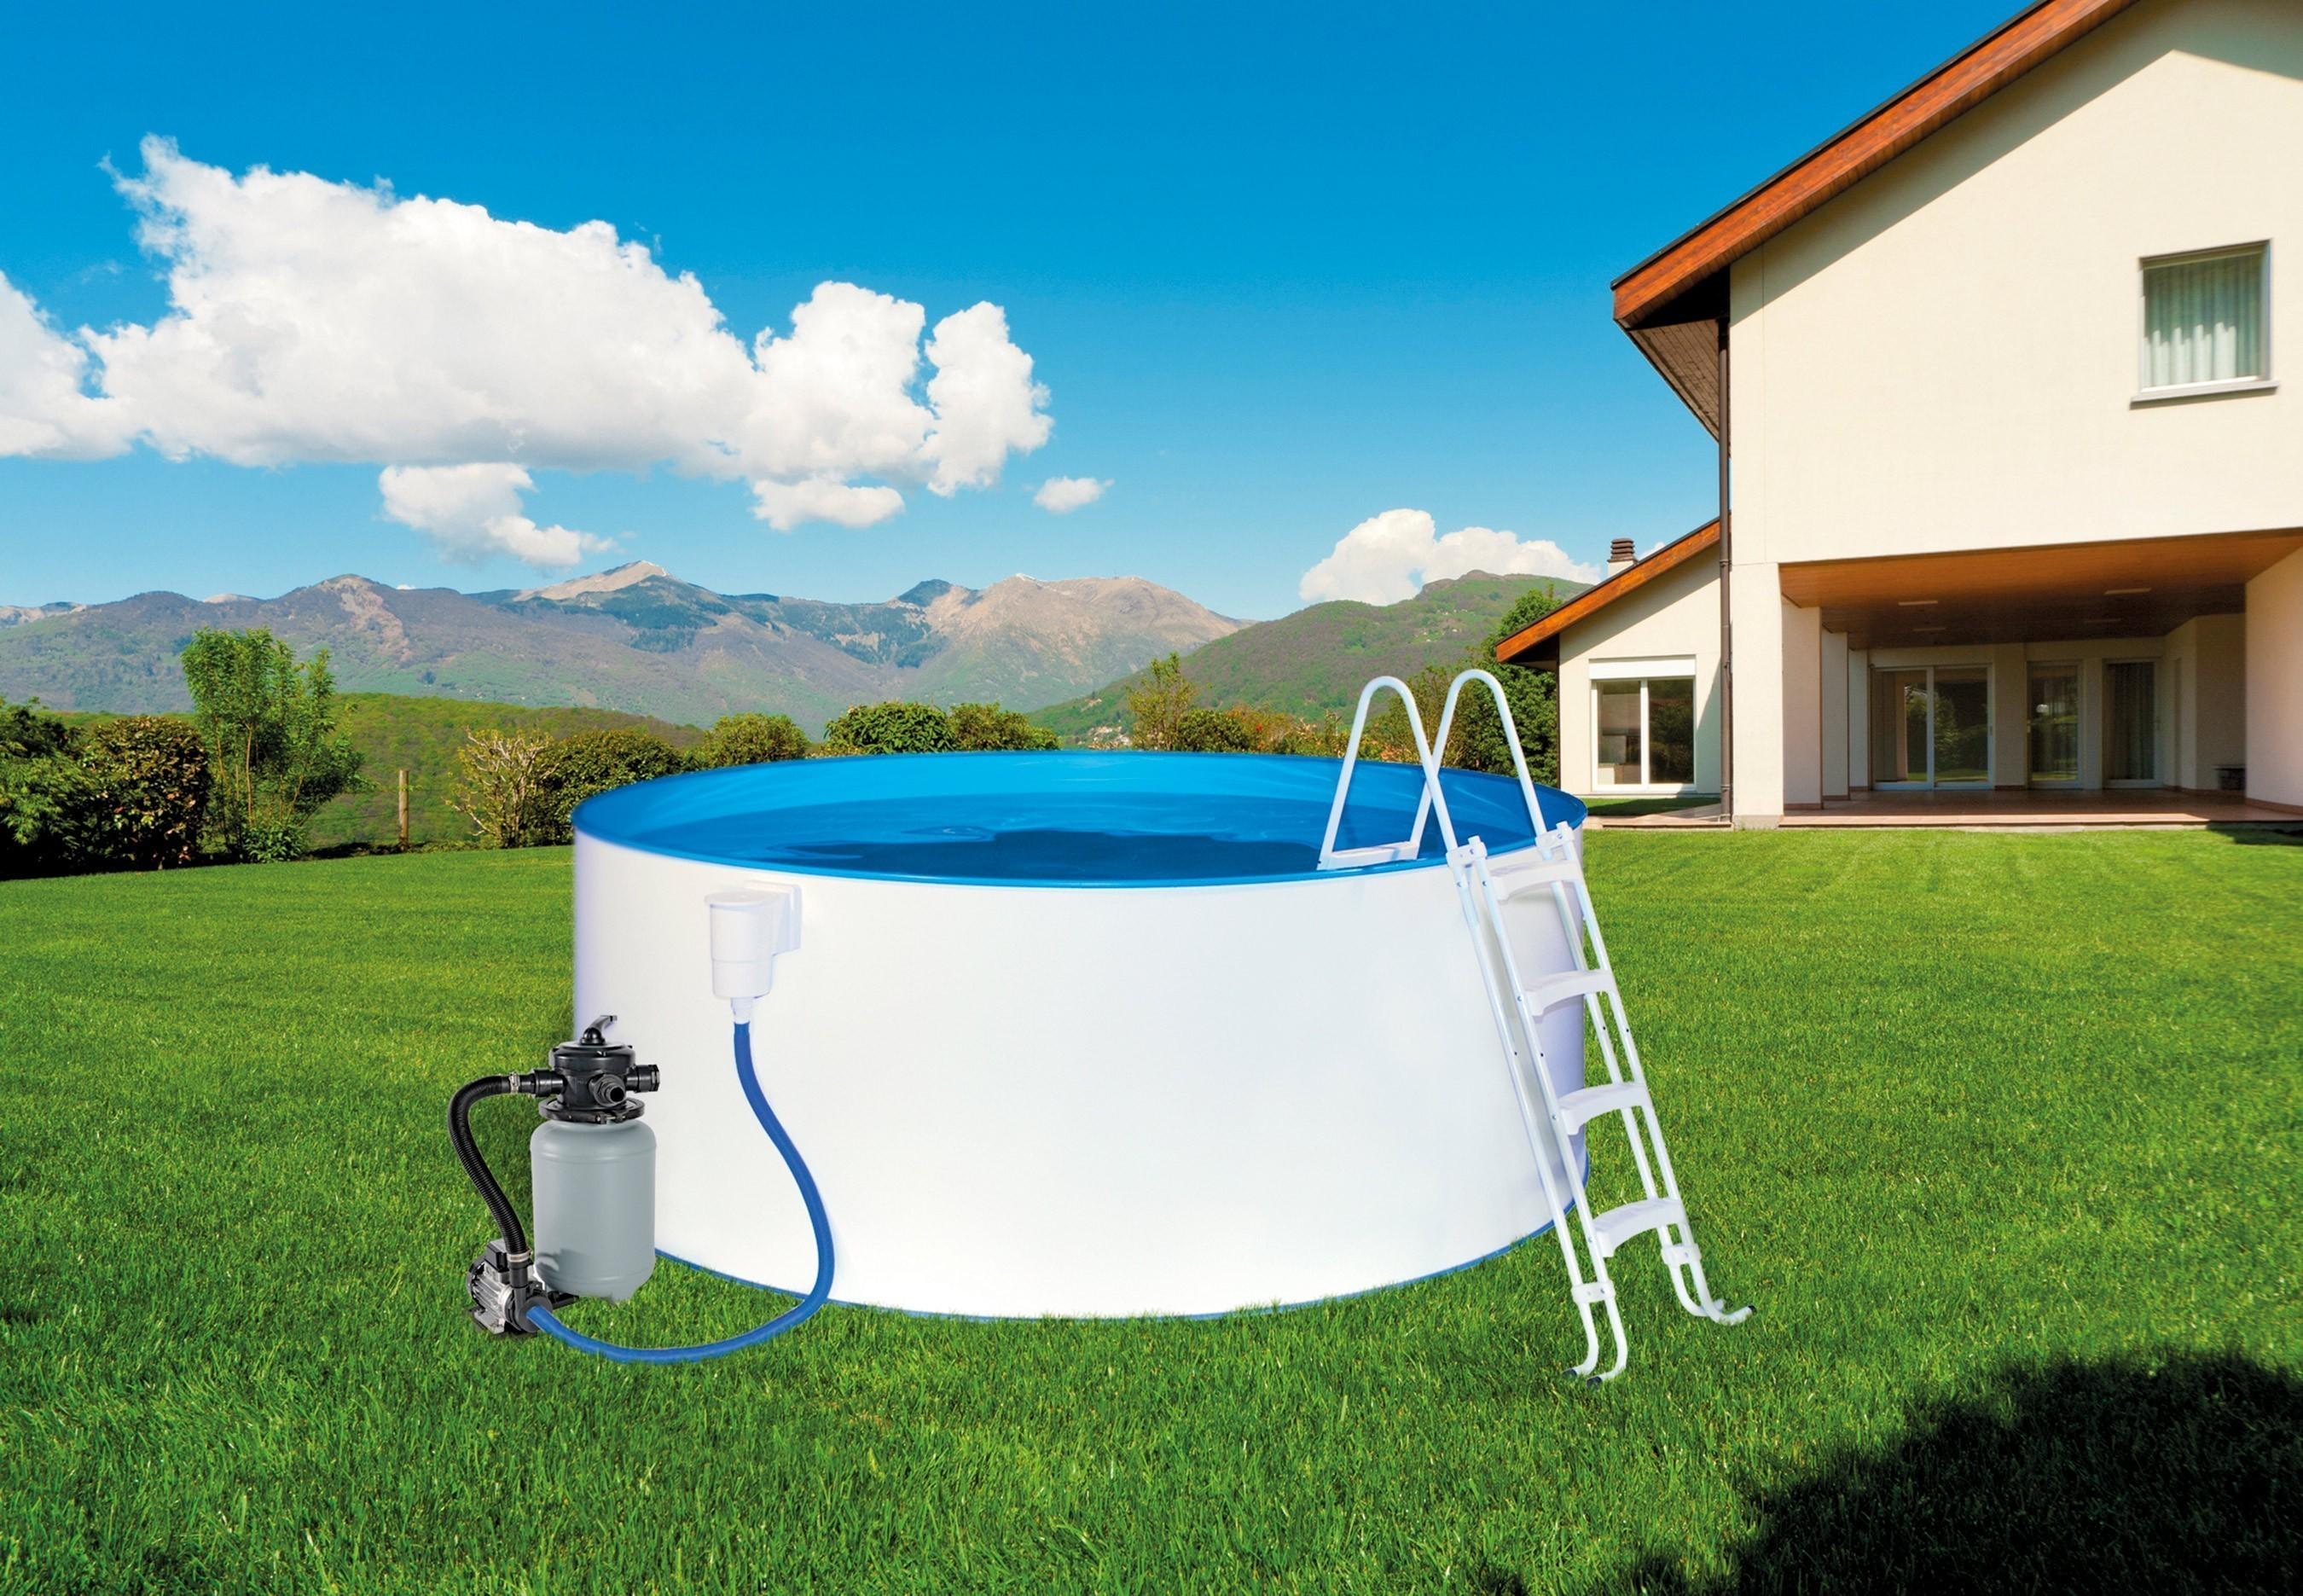 Swimmingpool / Stahlwandpool myPool Pool-Set Safety +Leiter Ø 400x90cm Bild 1